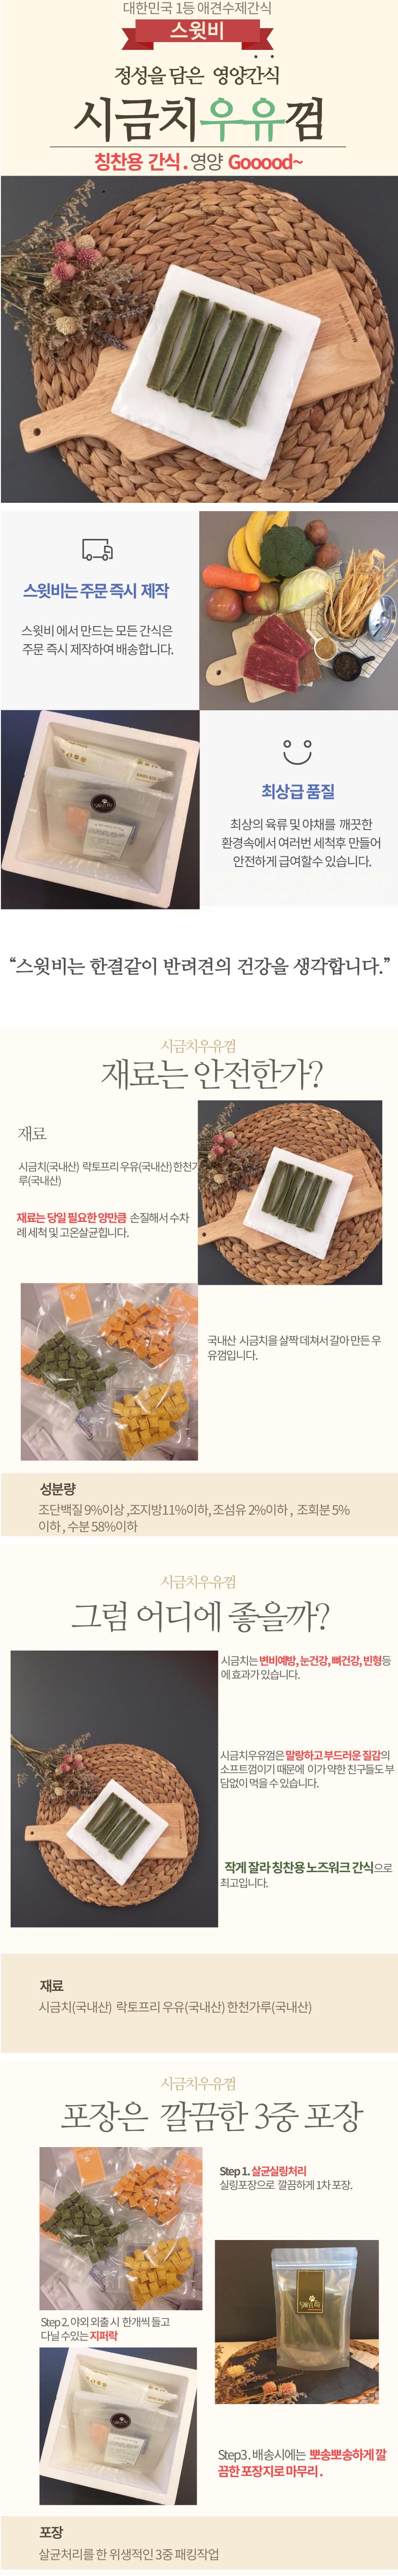 스윗비 강아지 수제간식 시금치 우유껌 7pcs - 스윗비, 6,500원, 간식/영양제, 수제간식